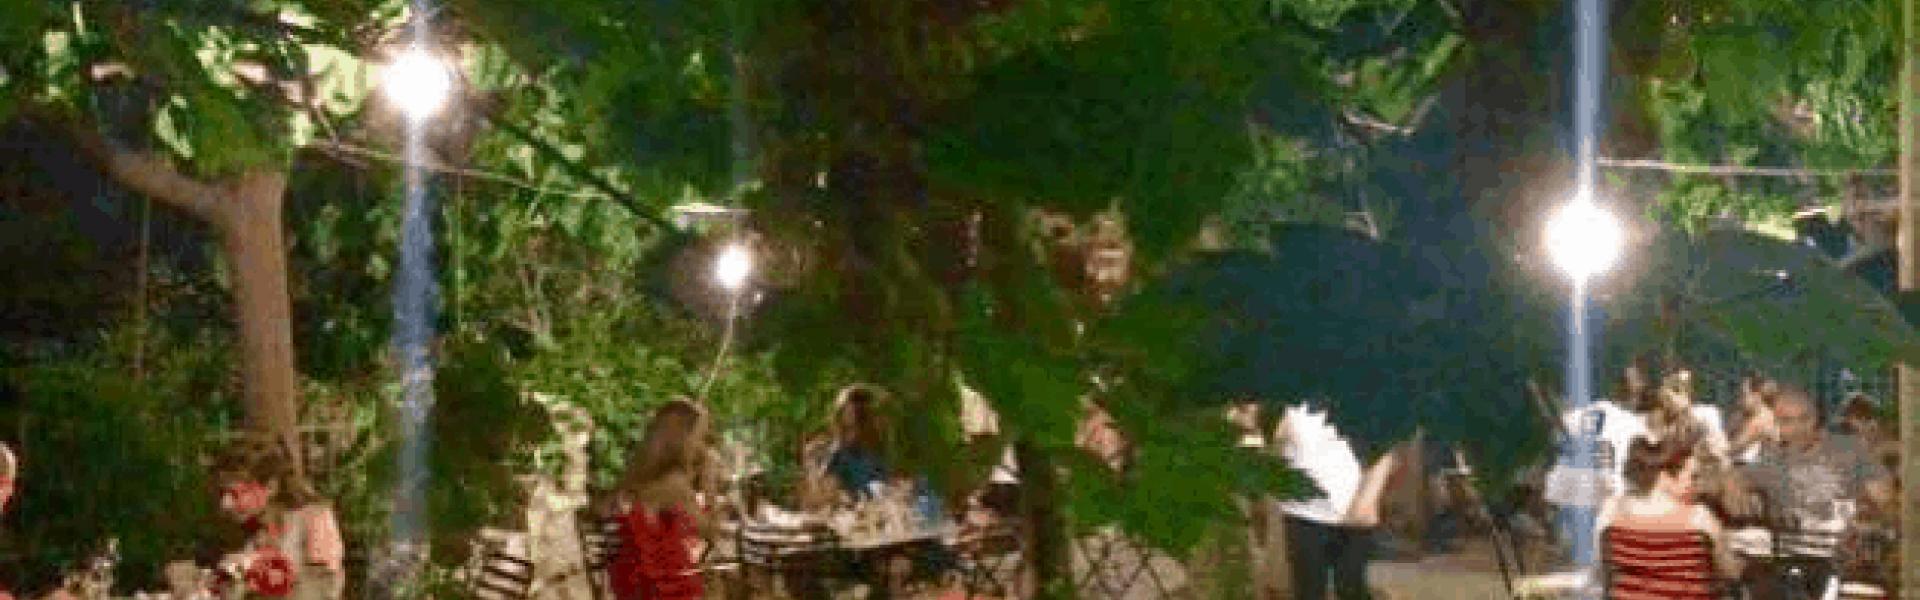 rigani restaurant loytraki